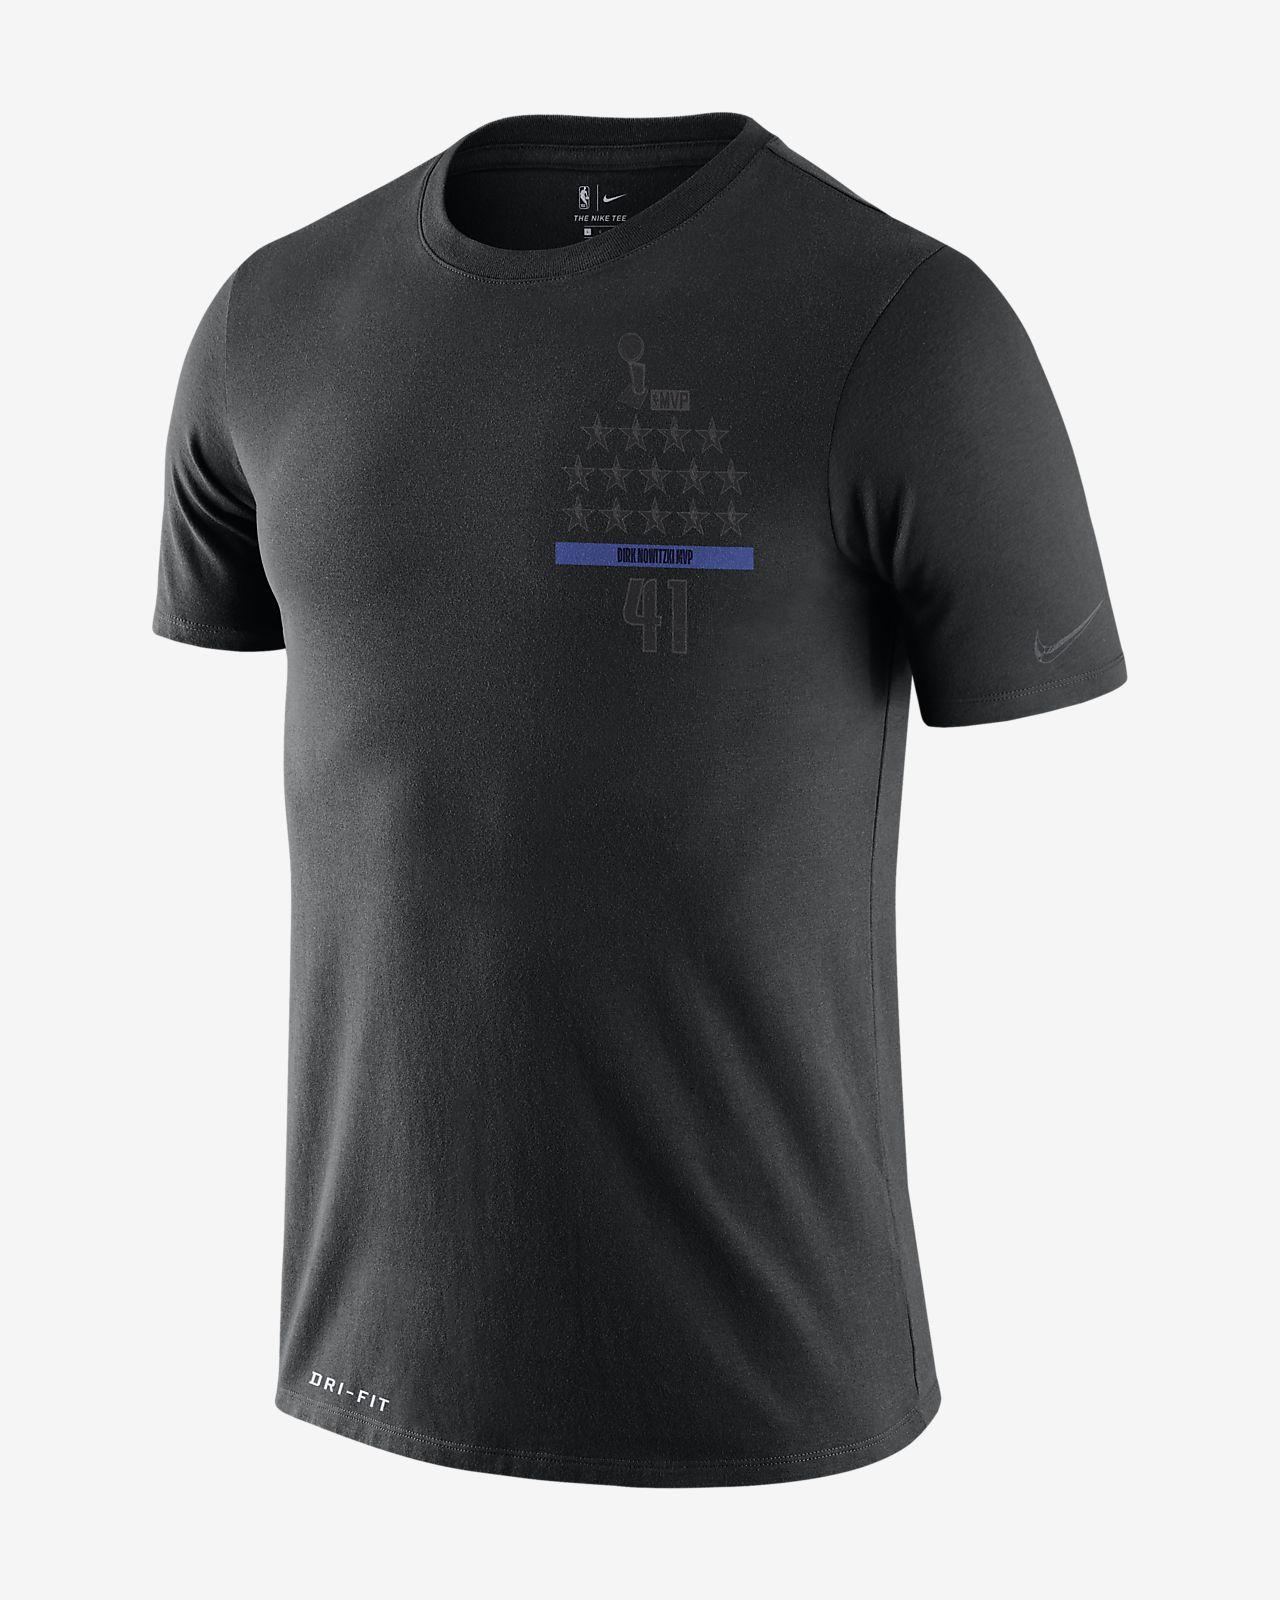 d5ebad10 Dirk Nowitzki Nike Dri-FIT